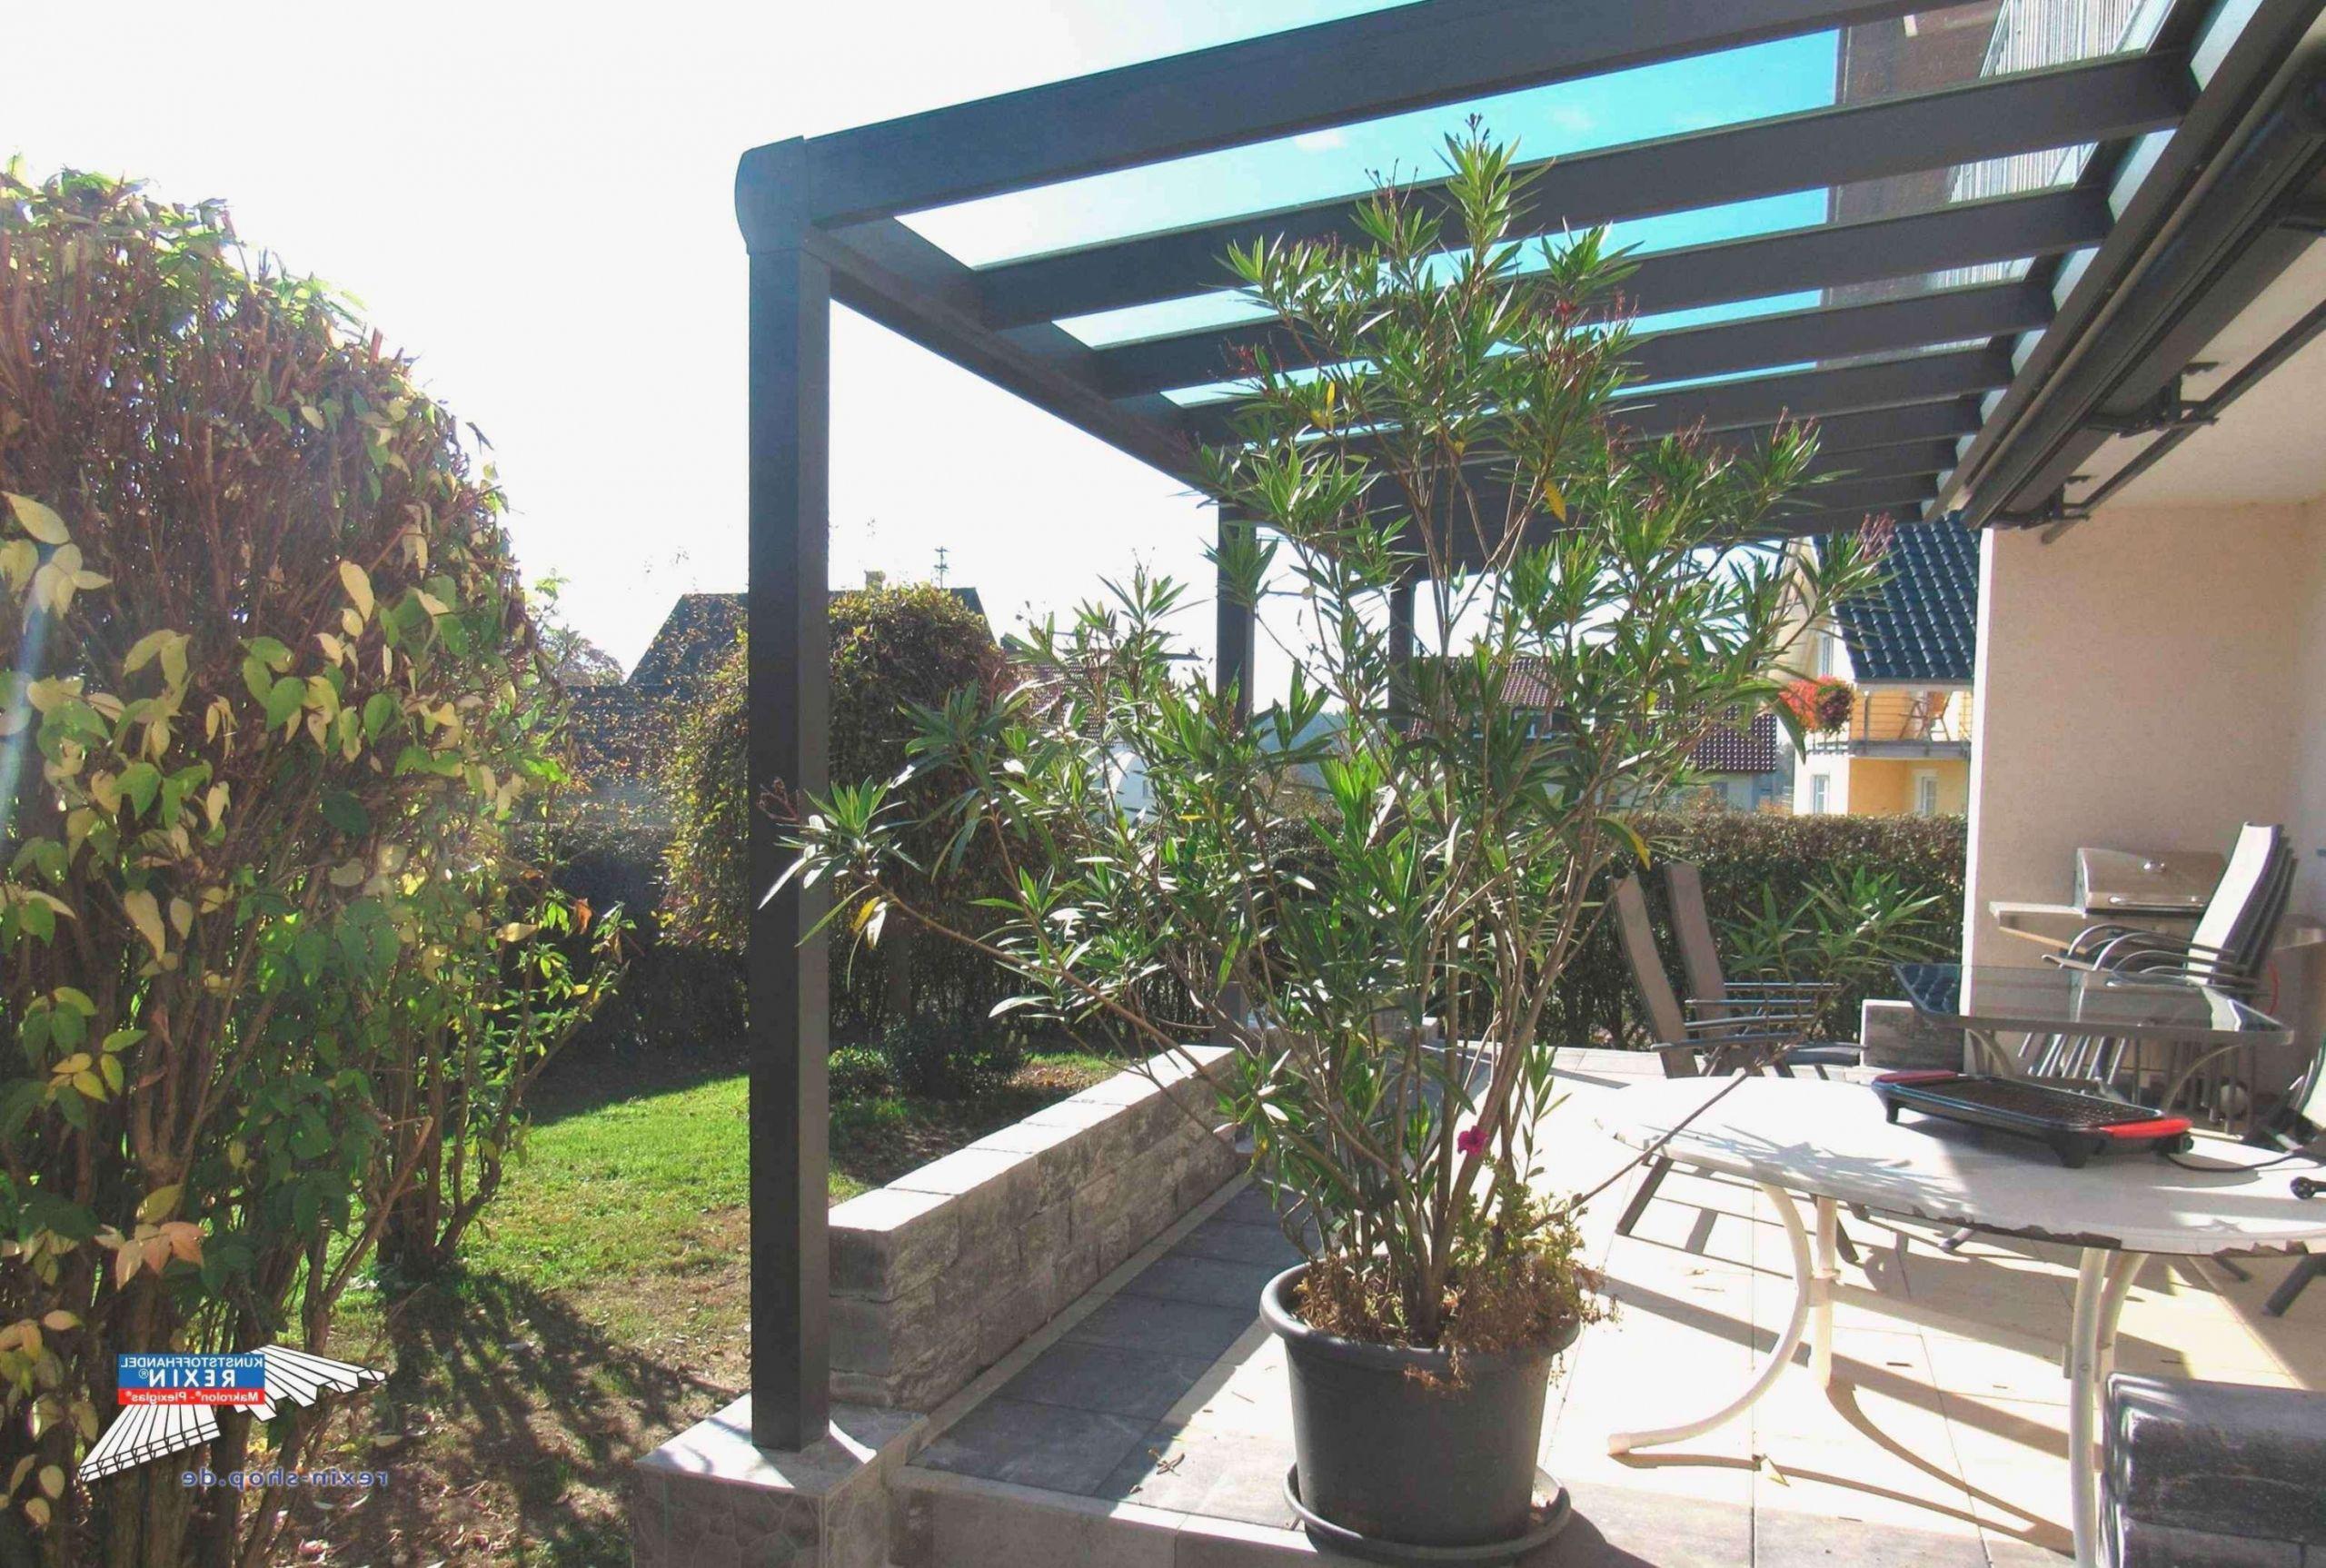 Balkon Gestalten Ideen Best Of Gestaltung Kleiner Balkon — Temobardz Home Blog